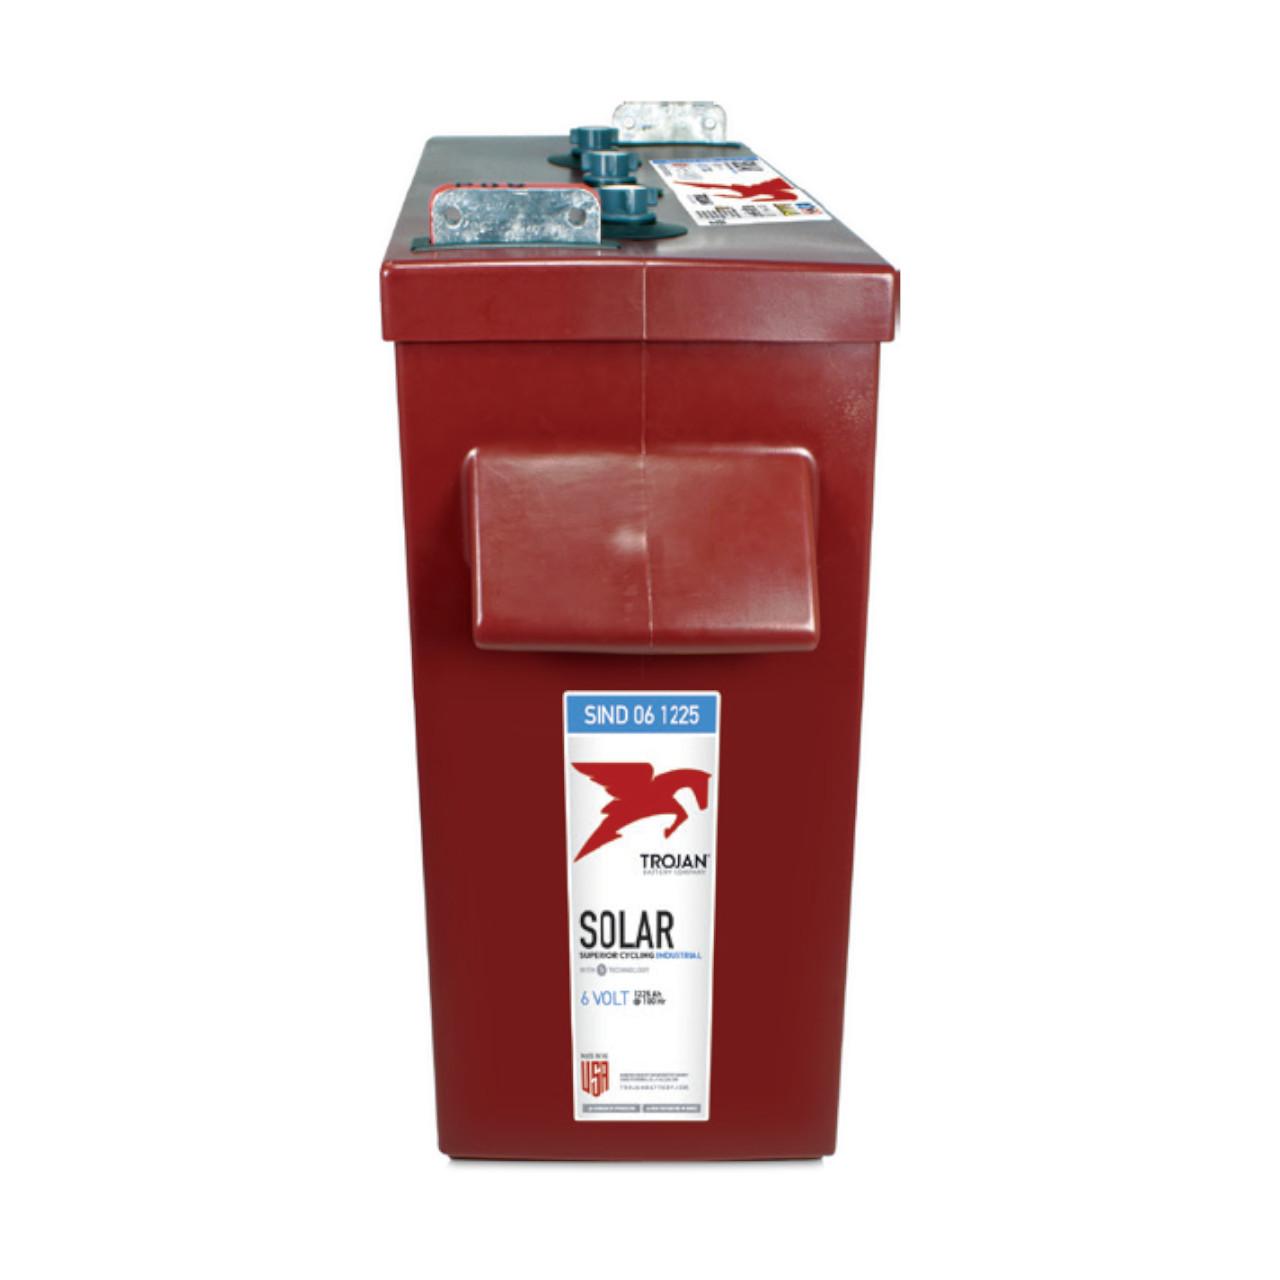 Trojan Battery - SIND06-1225